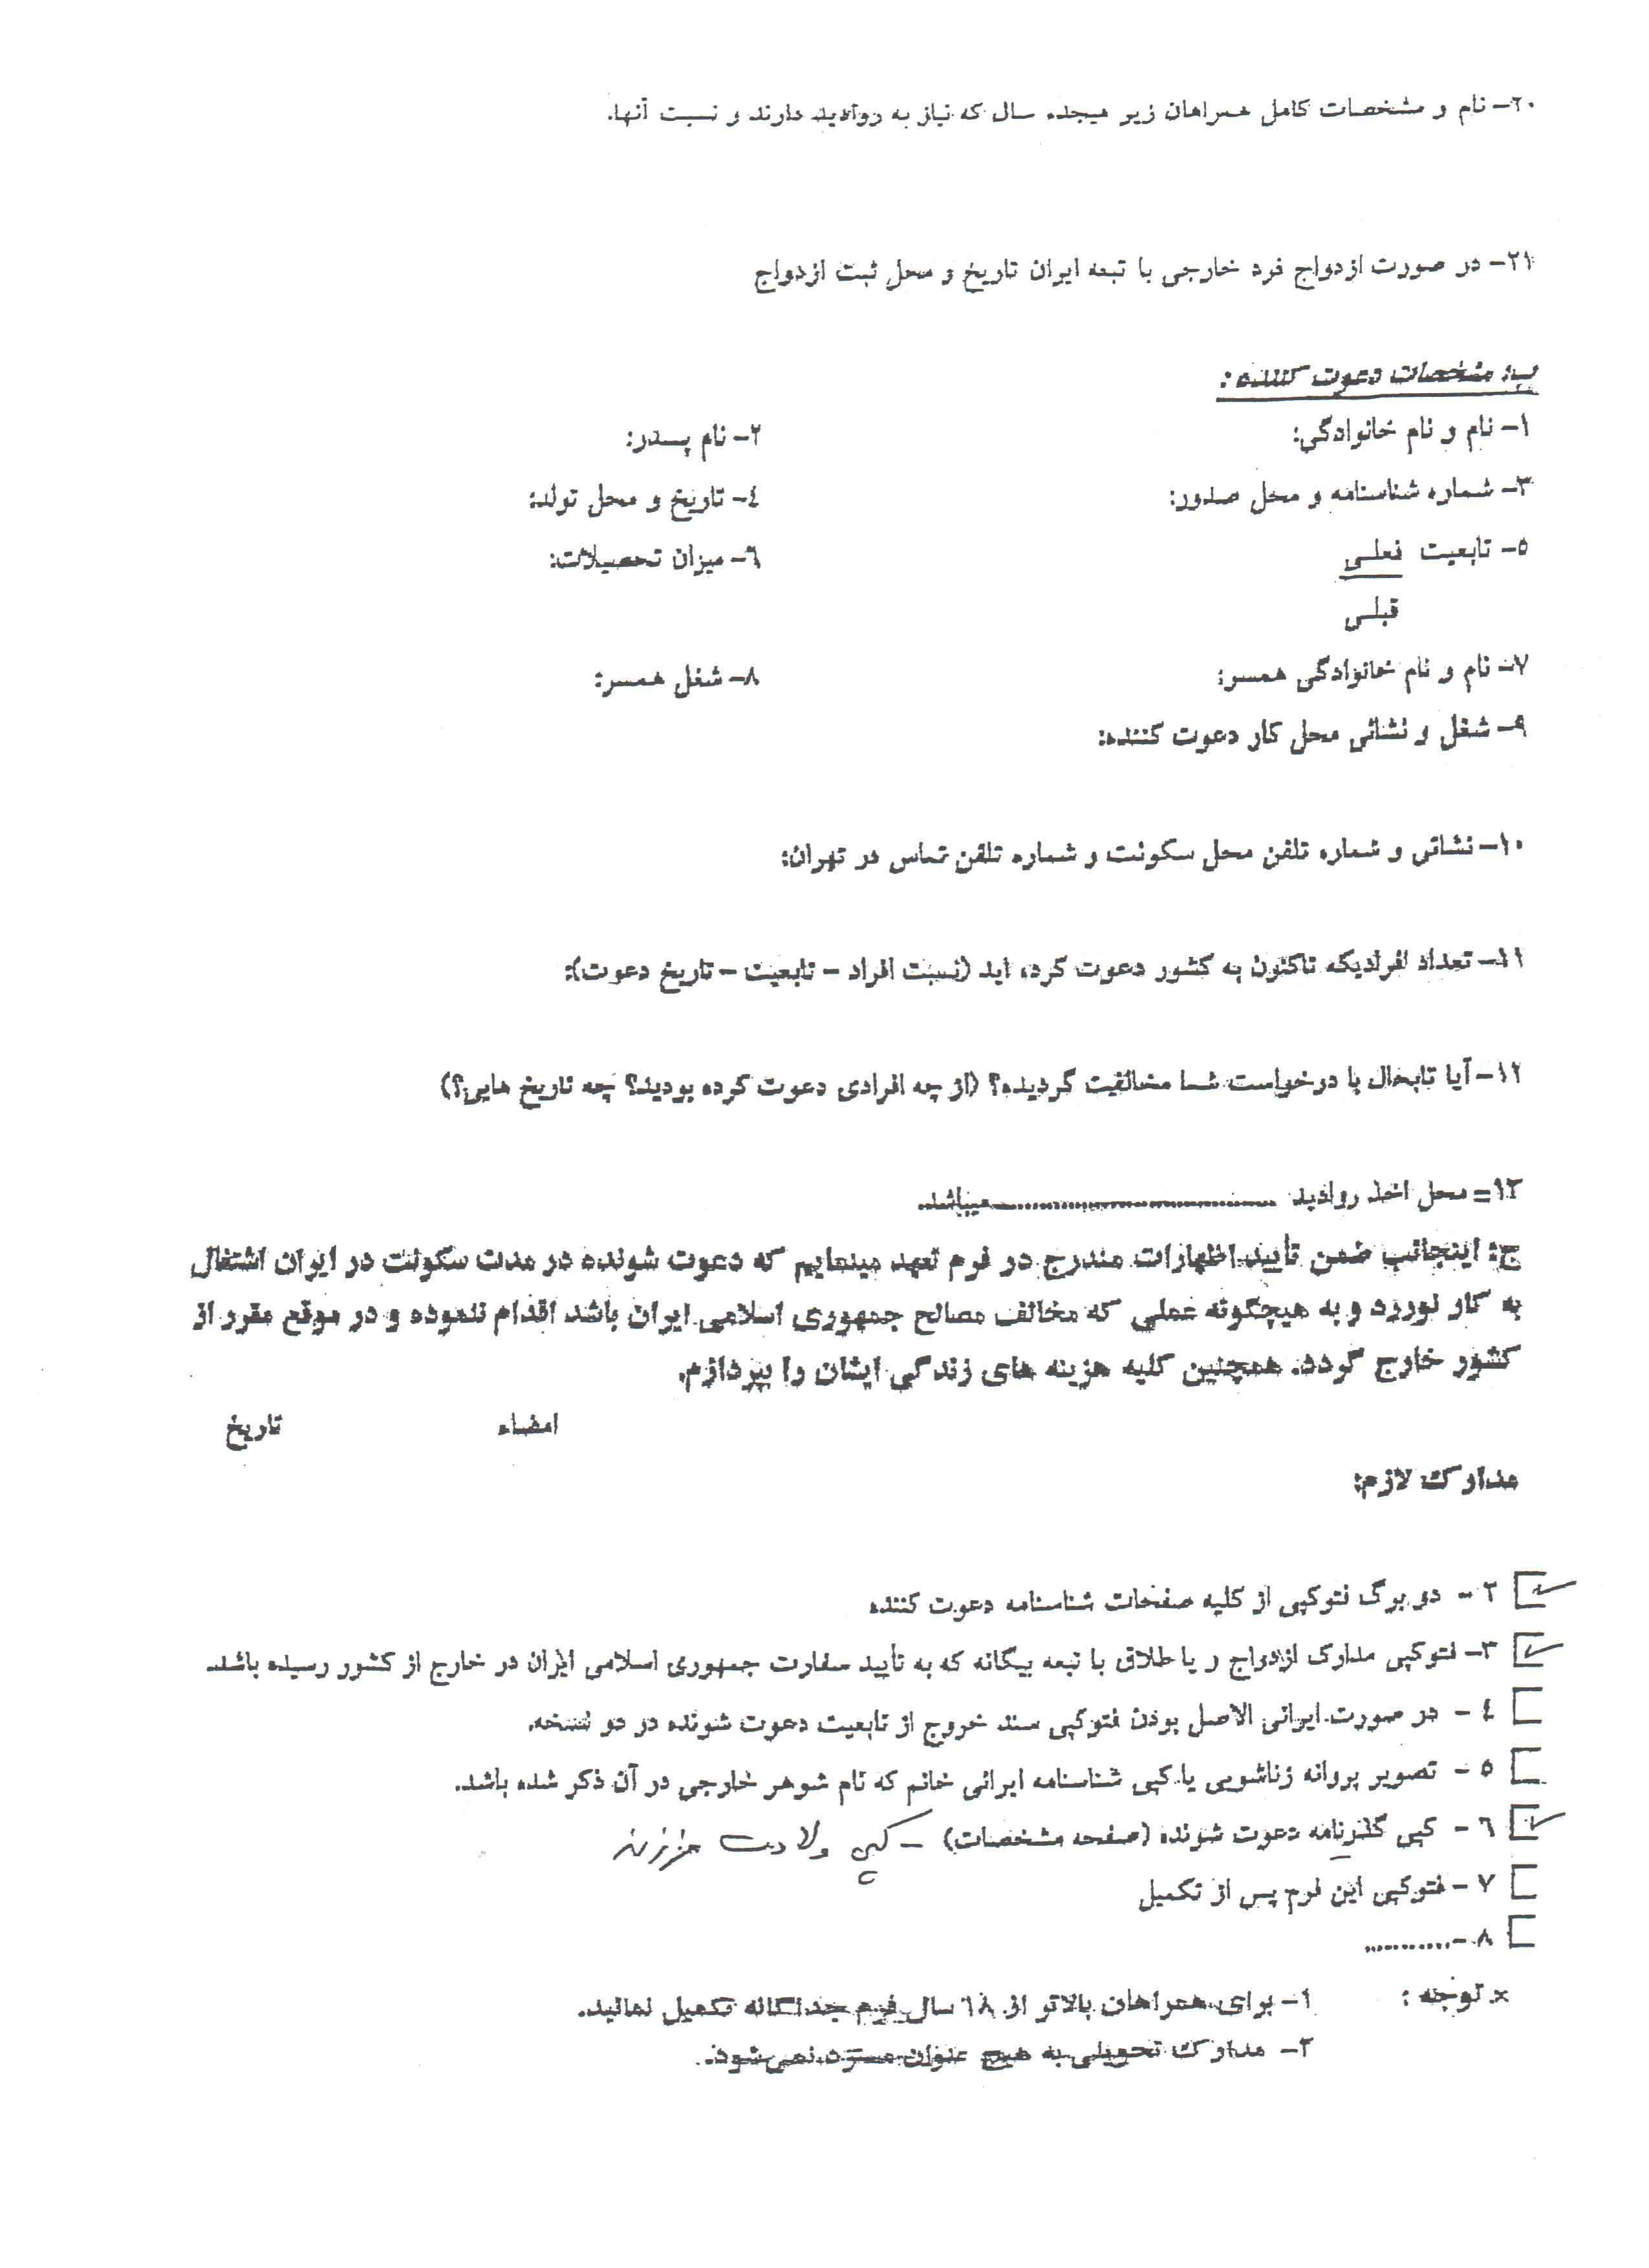 نمونه فرم ویزا اقوام صفحه دوم